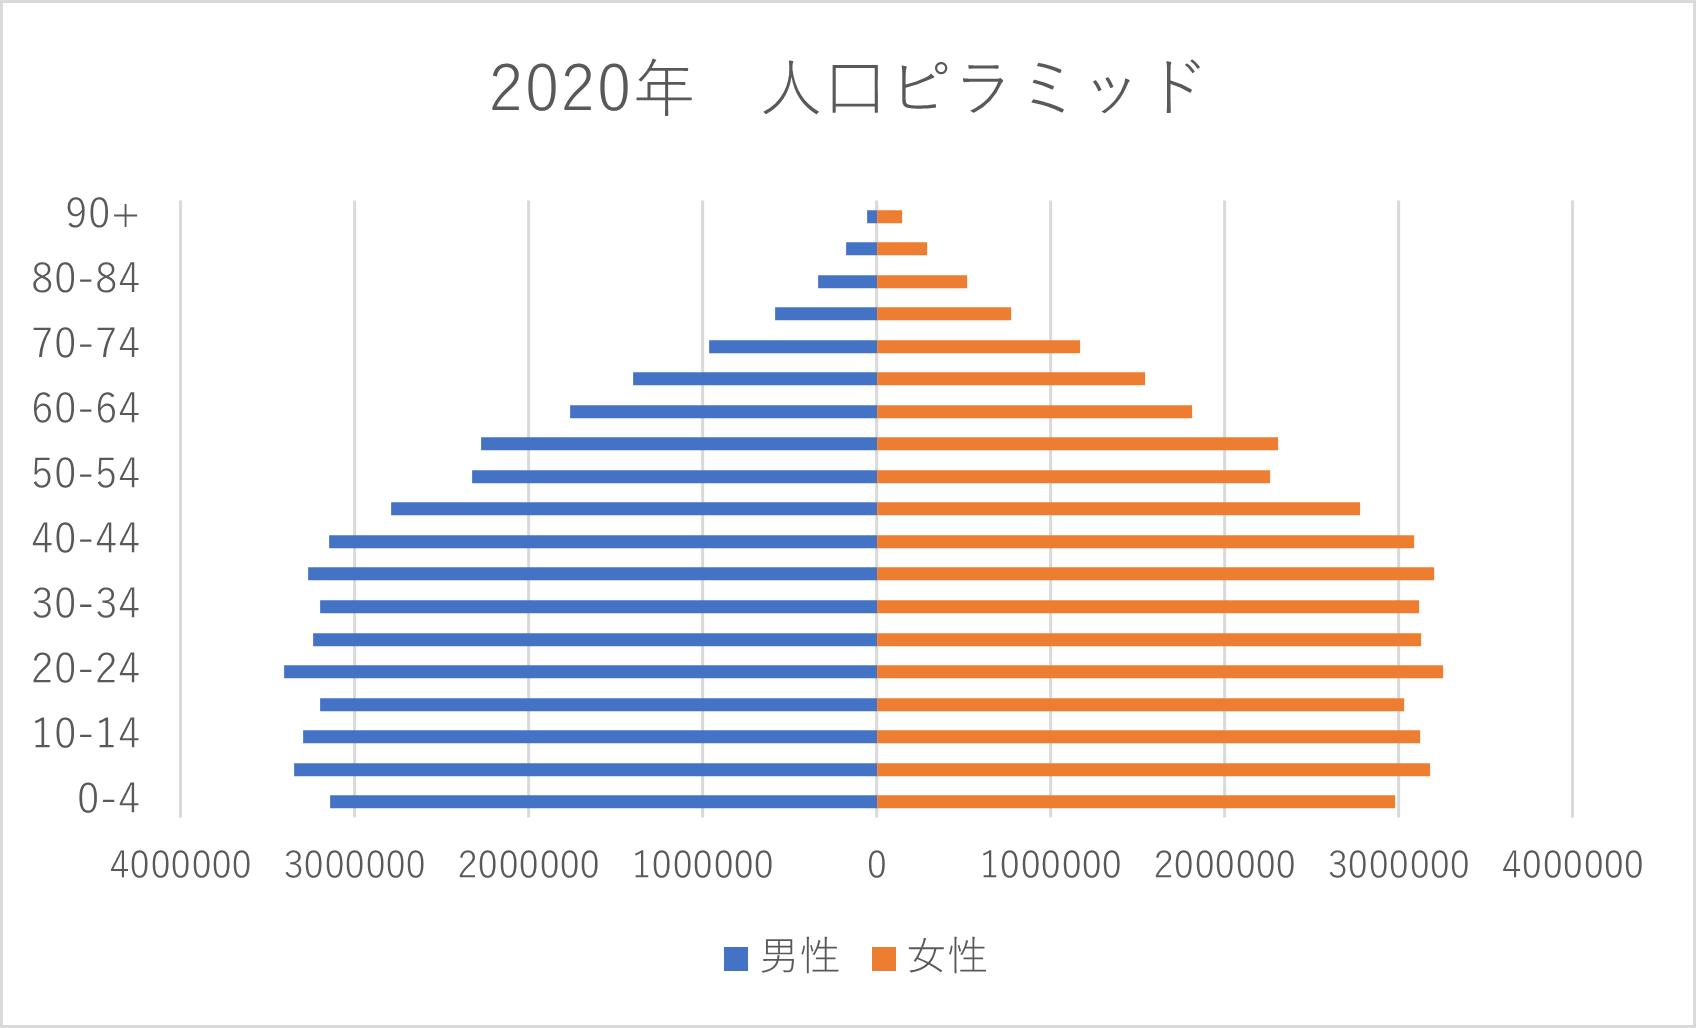 トルコ 人口ピラミッド 2020